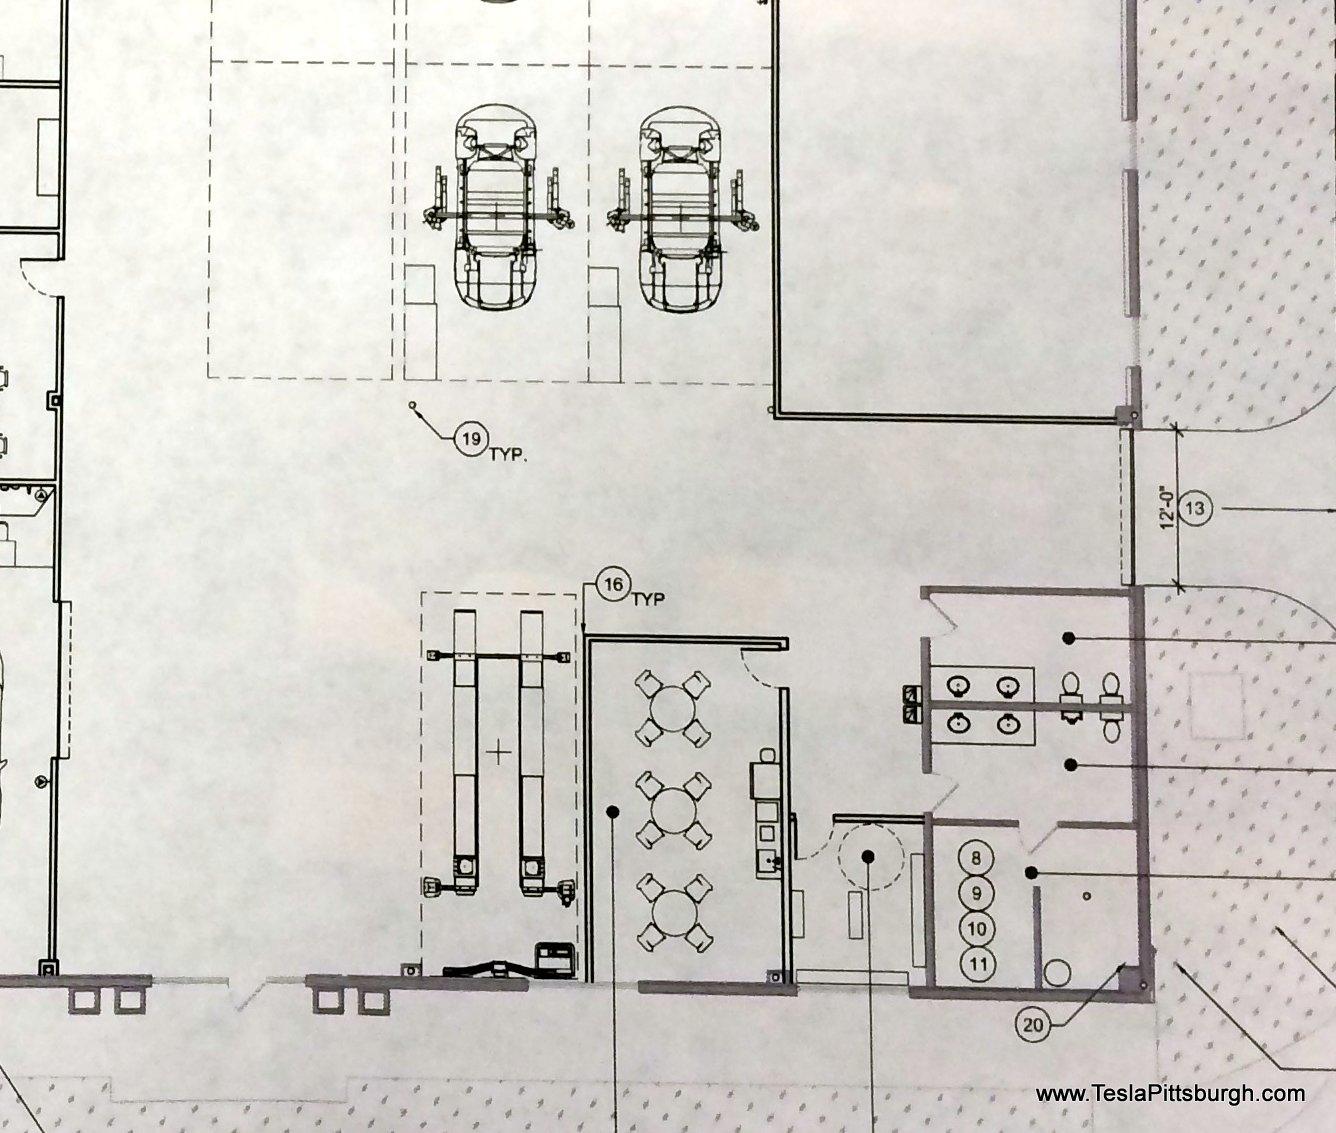 pittsburgh tesla service floorplan of employee area